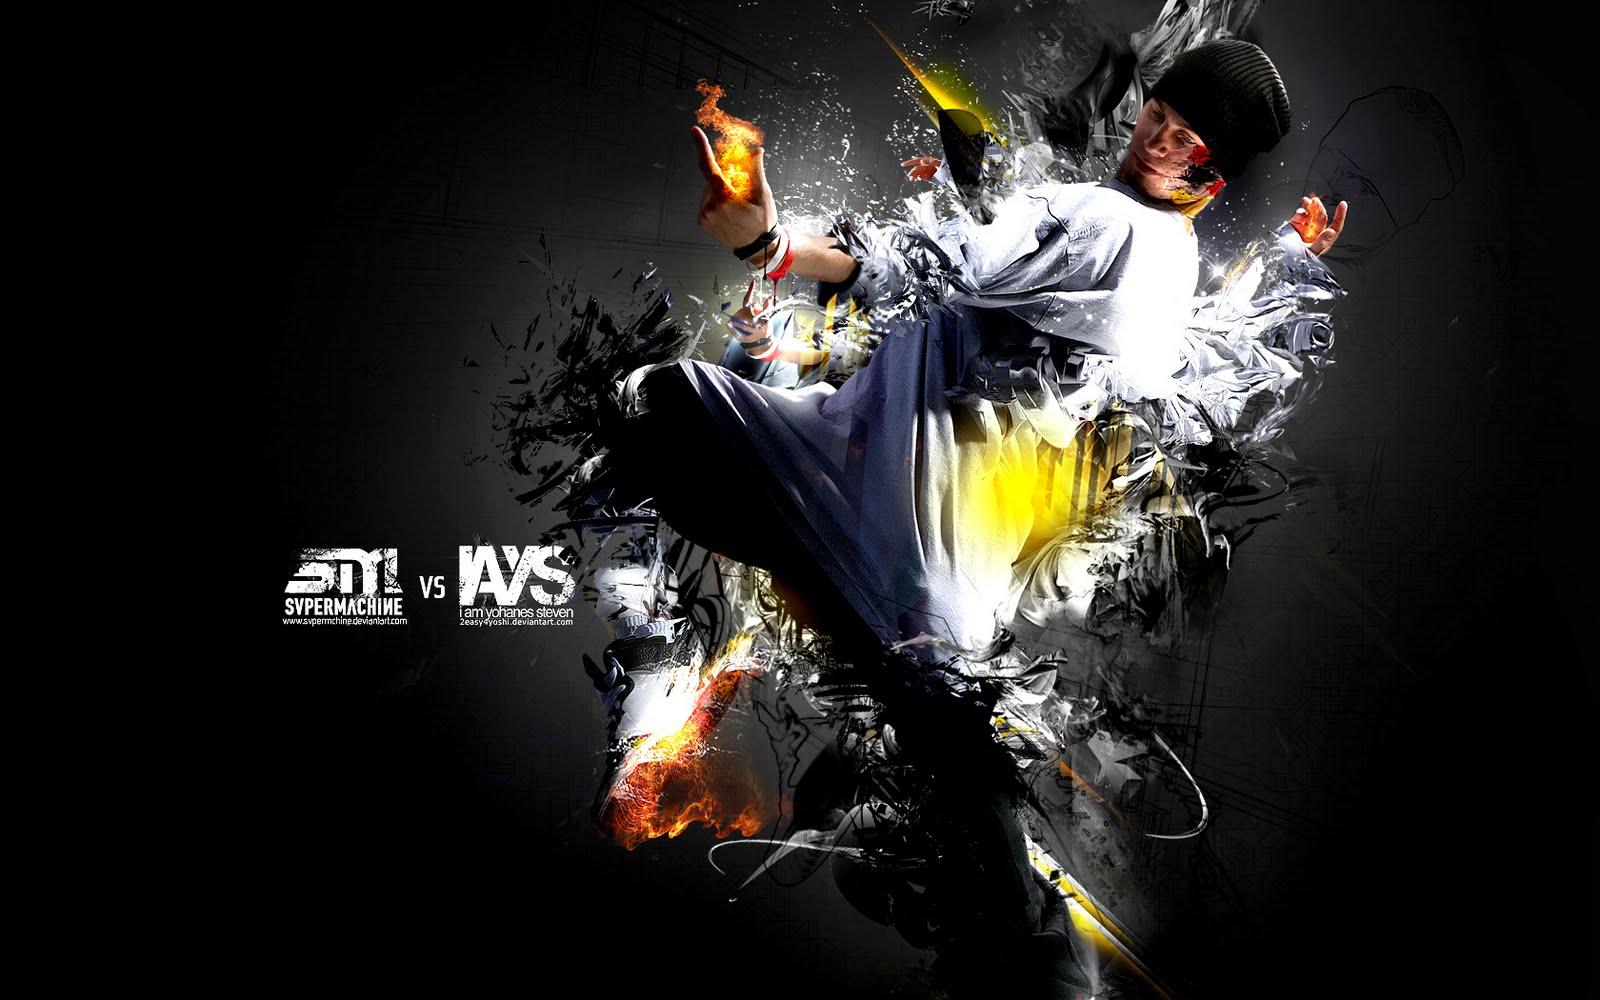 http://2.bp.blogspot.com/-bn9wnuIeVBQ/TiGg1T8d6DI/AAAAAAAADyA/pr5cFCyPAYA/s1600/79034.jpg